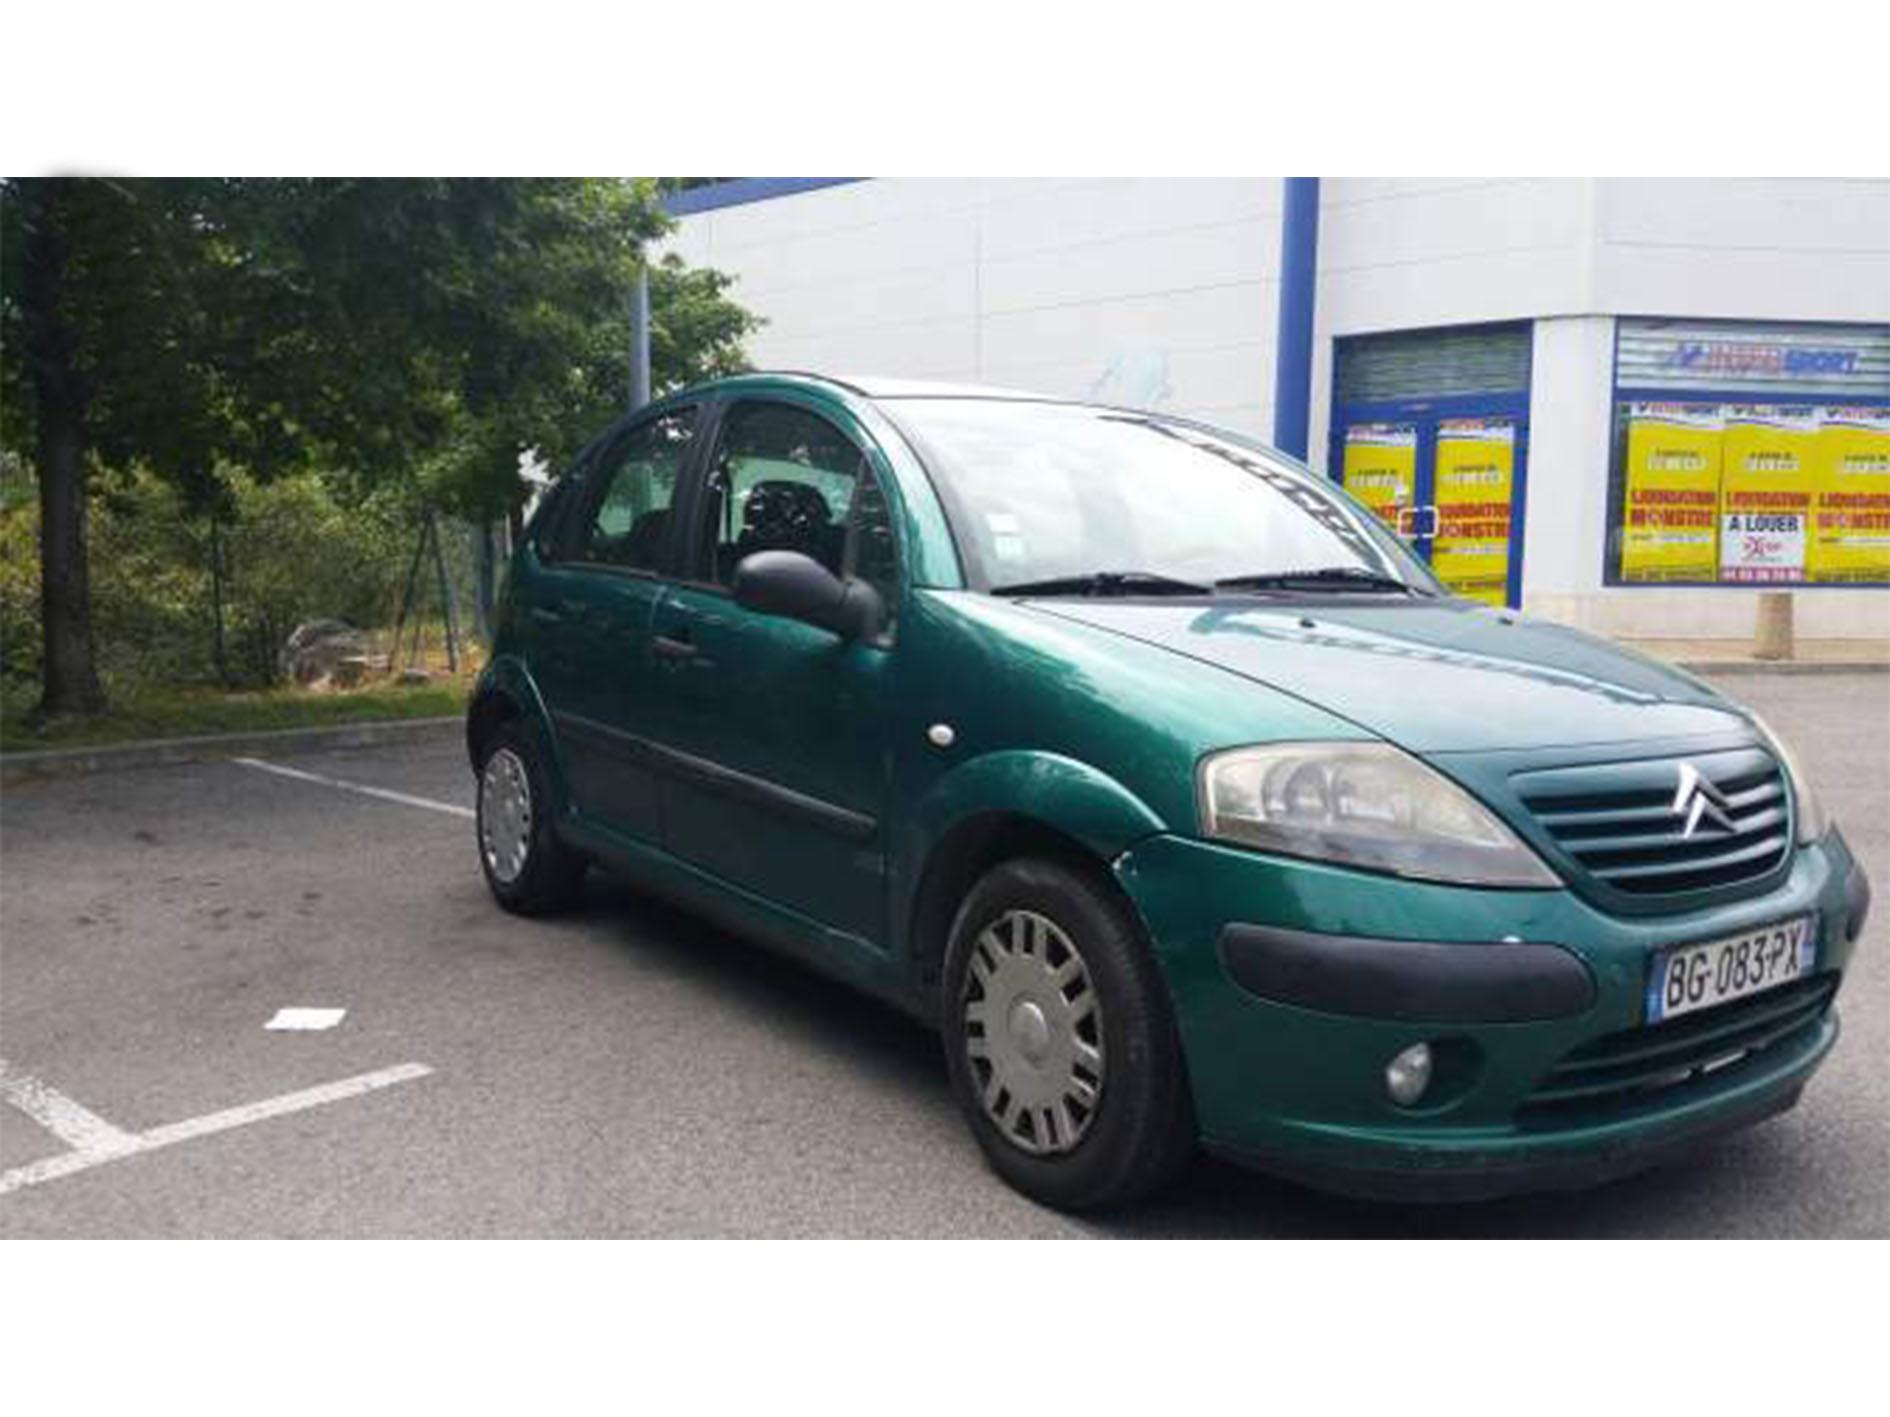 Vente de voiture Citroën